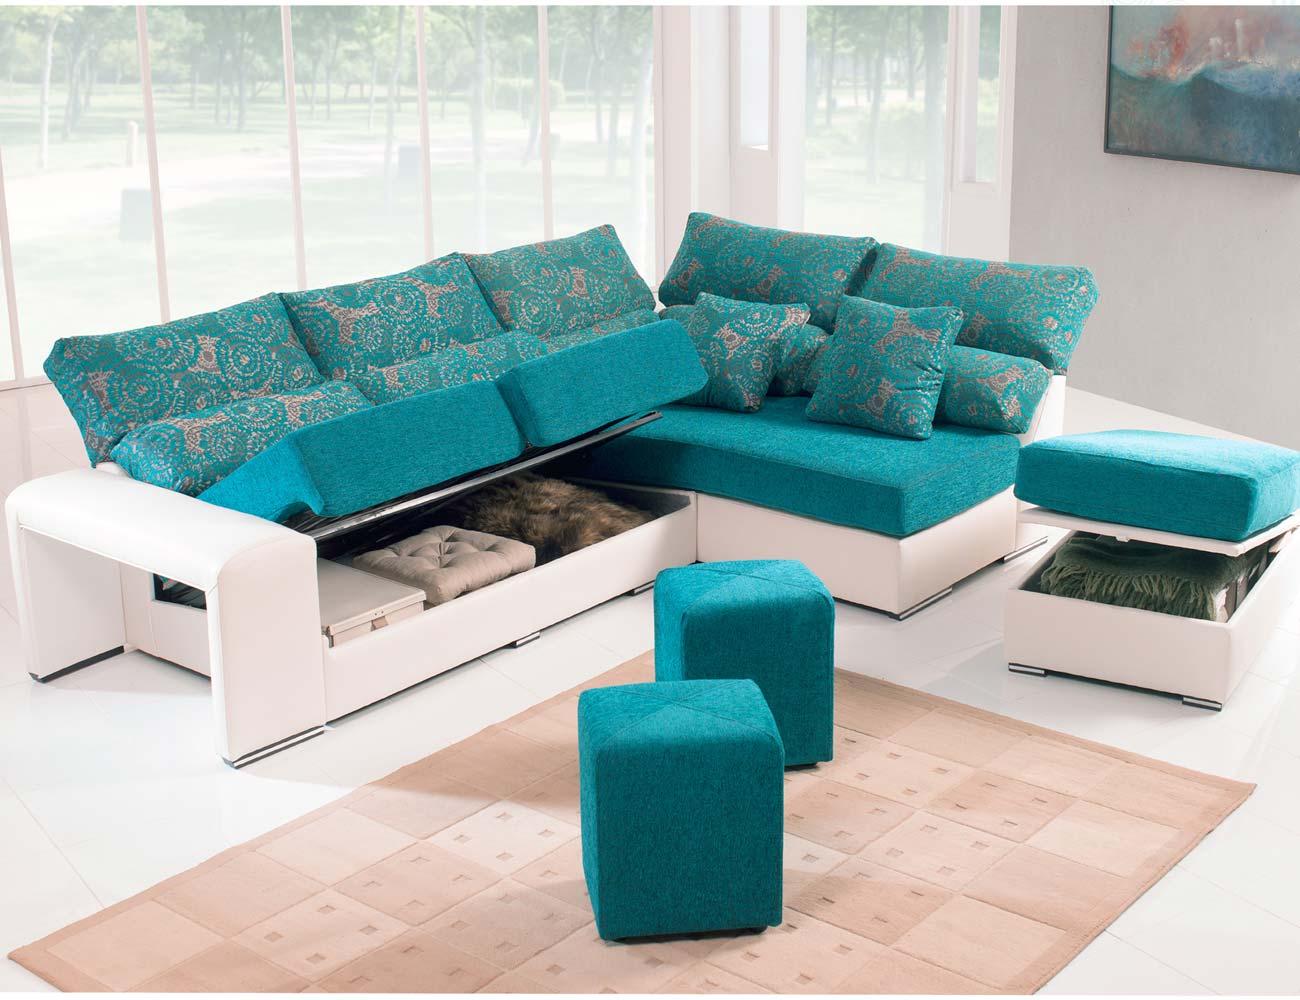 Sofa chaiselongue rincon puff arcon taburete21